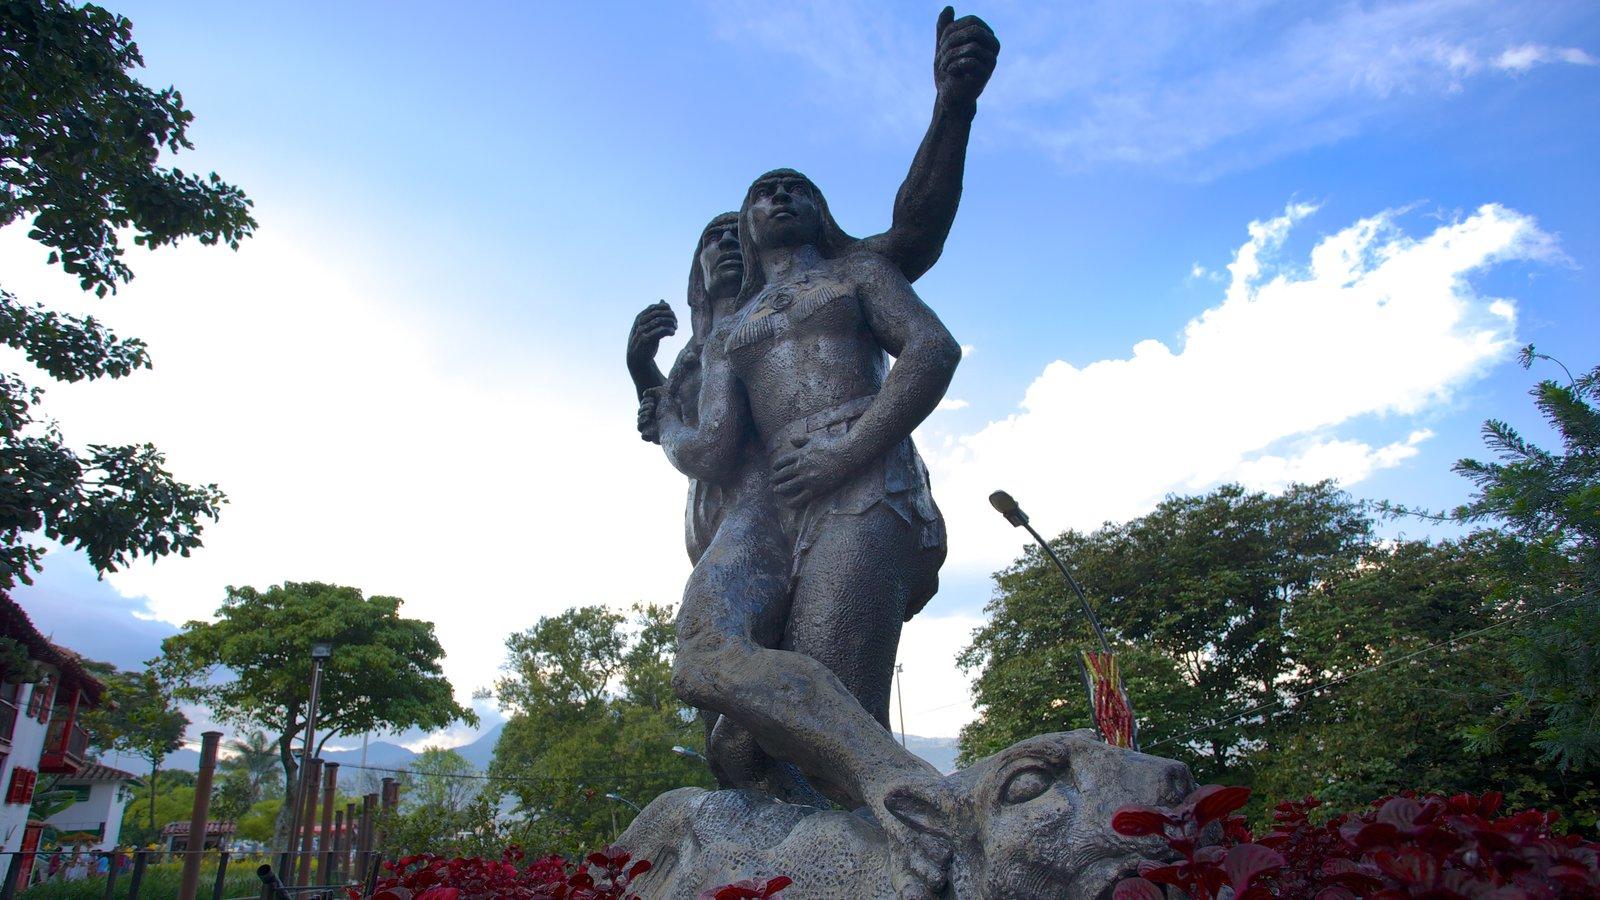 Pueblito Paisa que inclui uma estátua ou escultura e arte ao ar livre